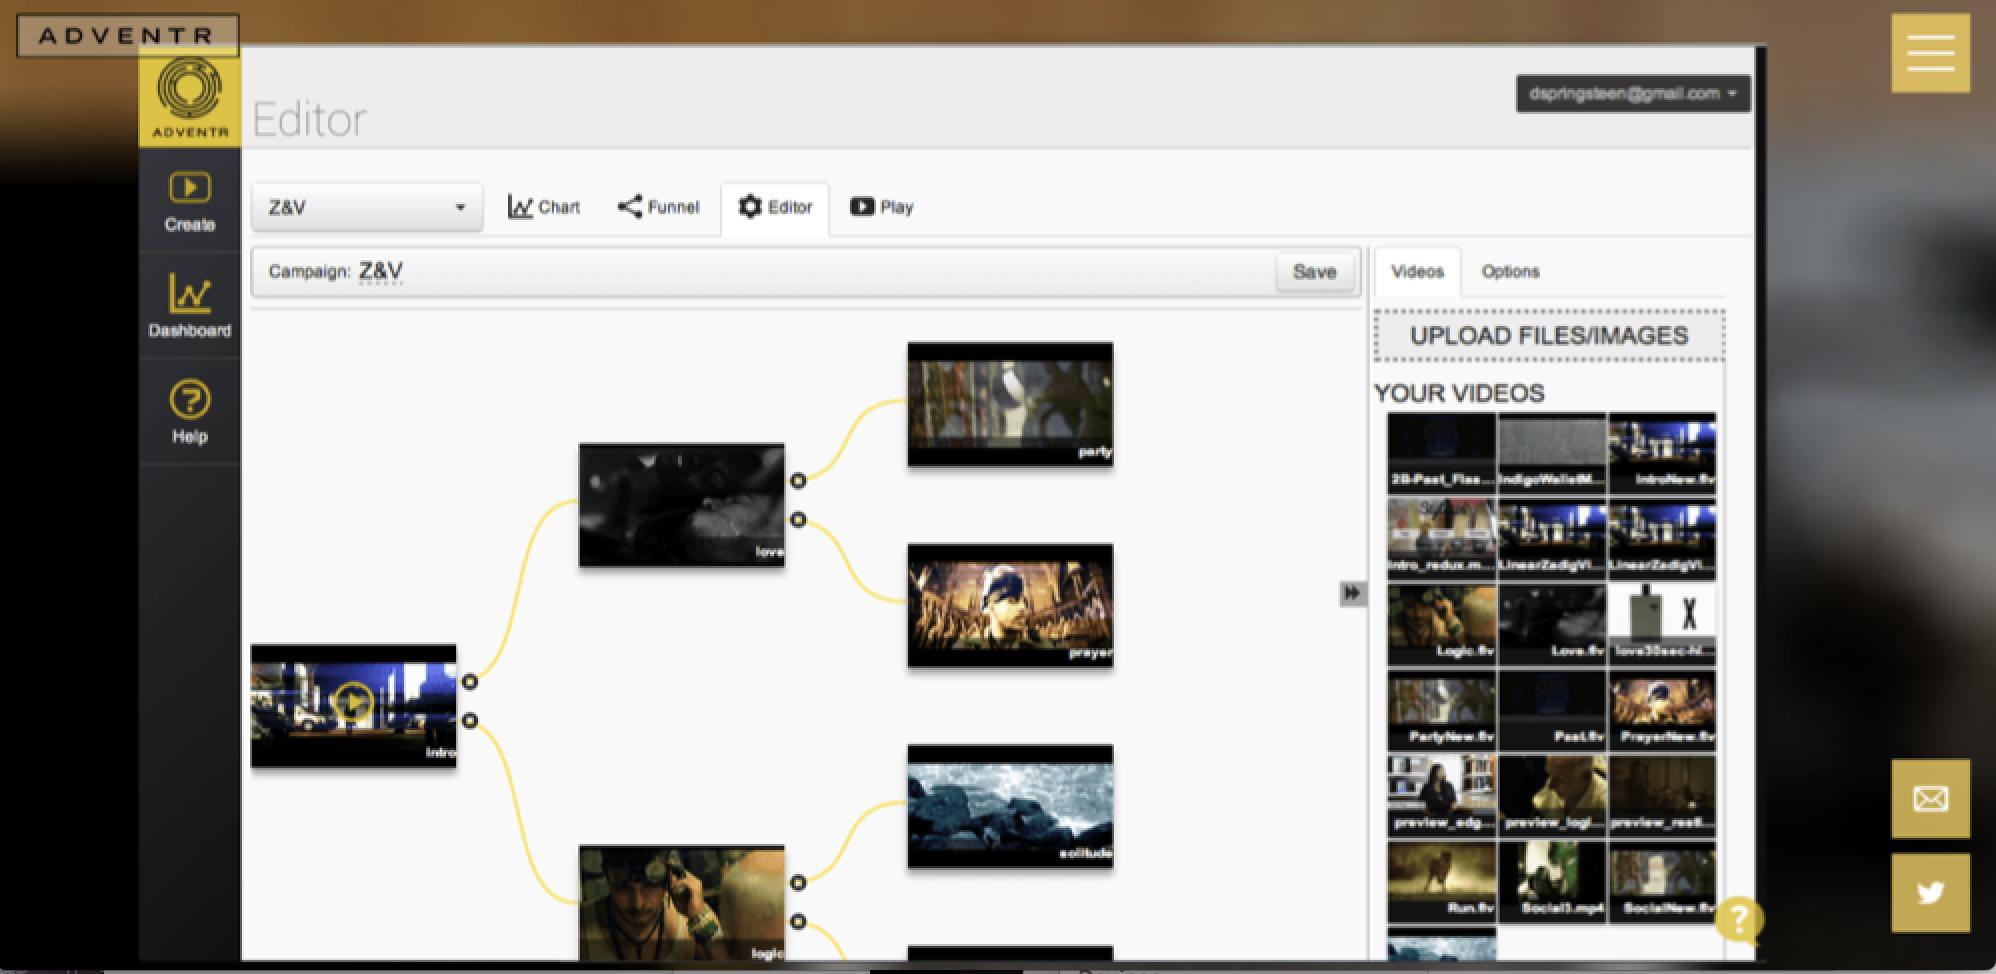 Adventr screenshot